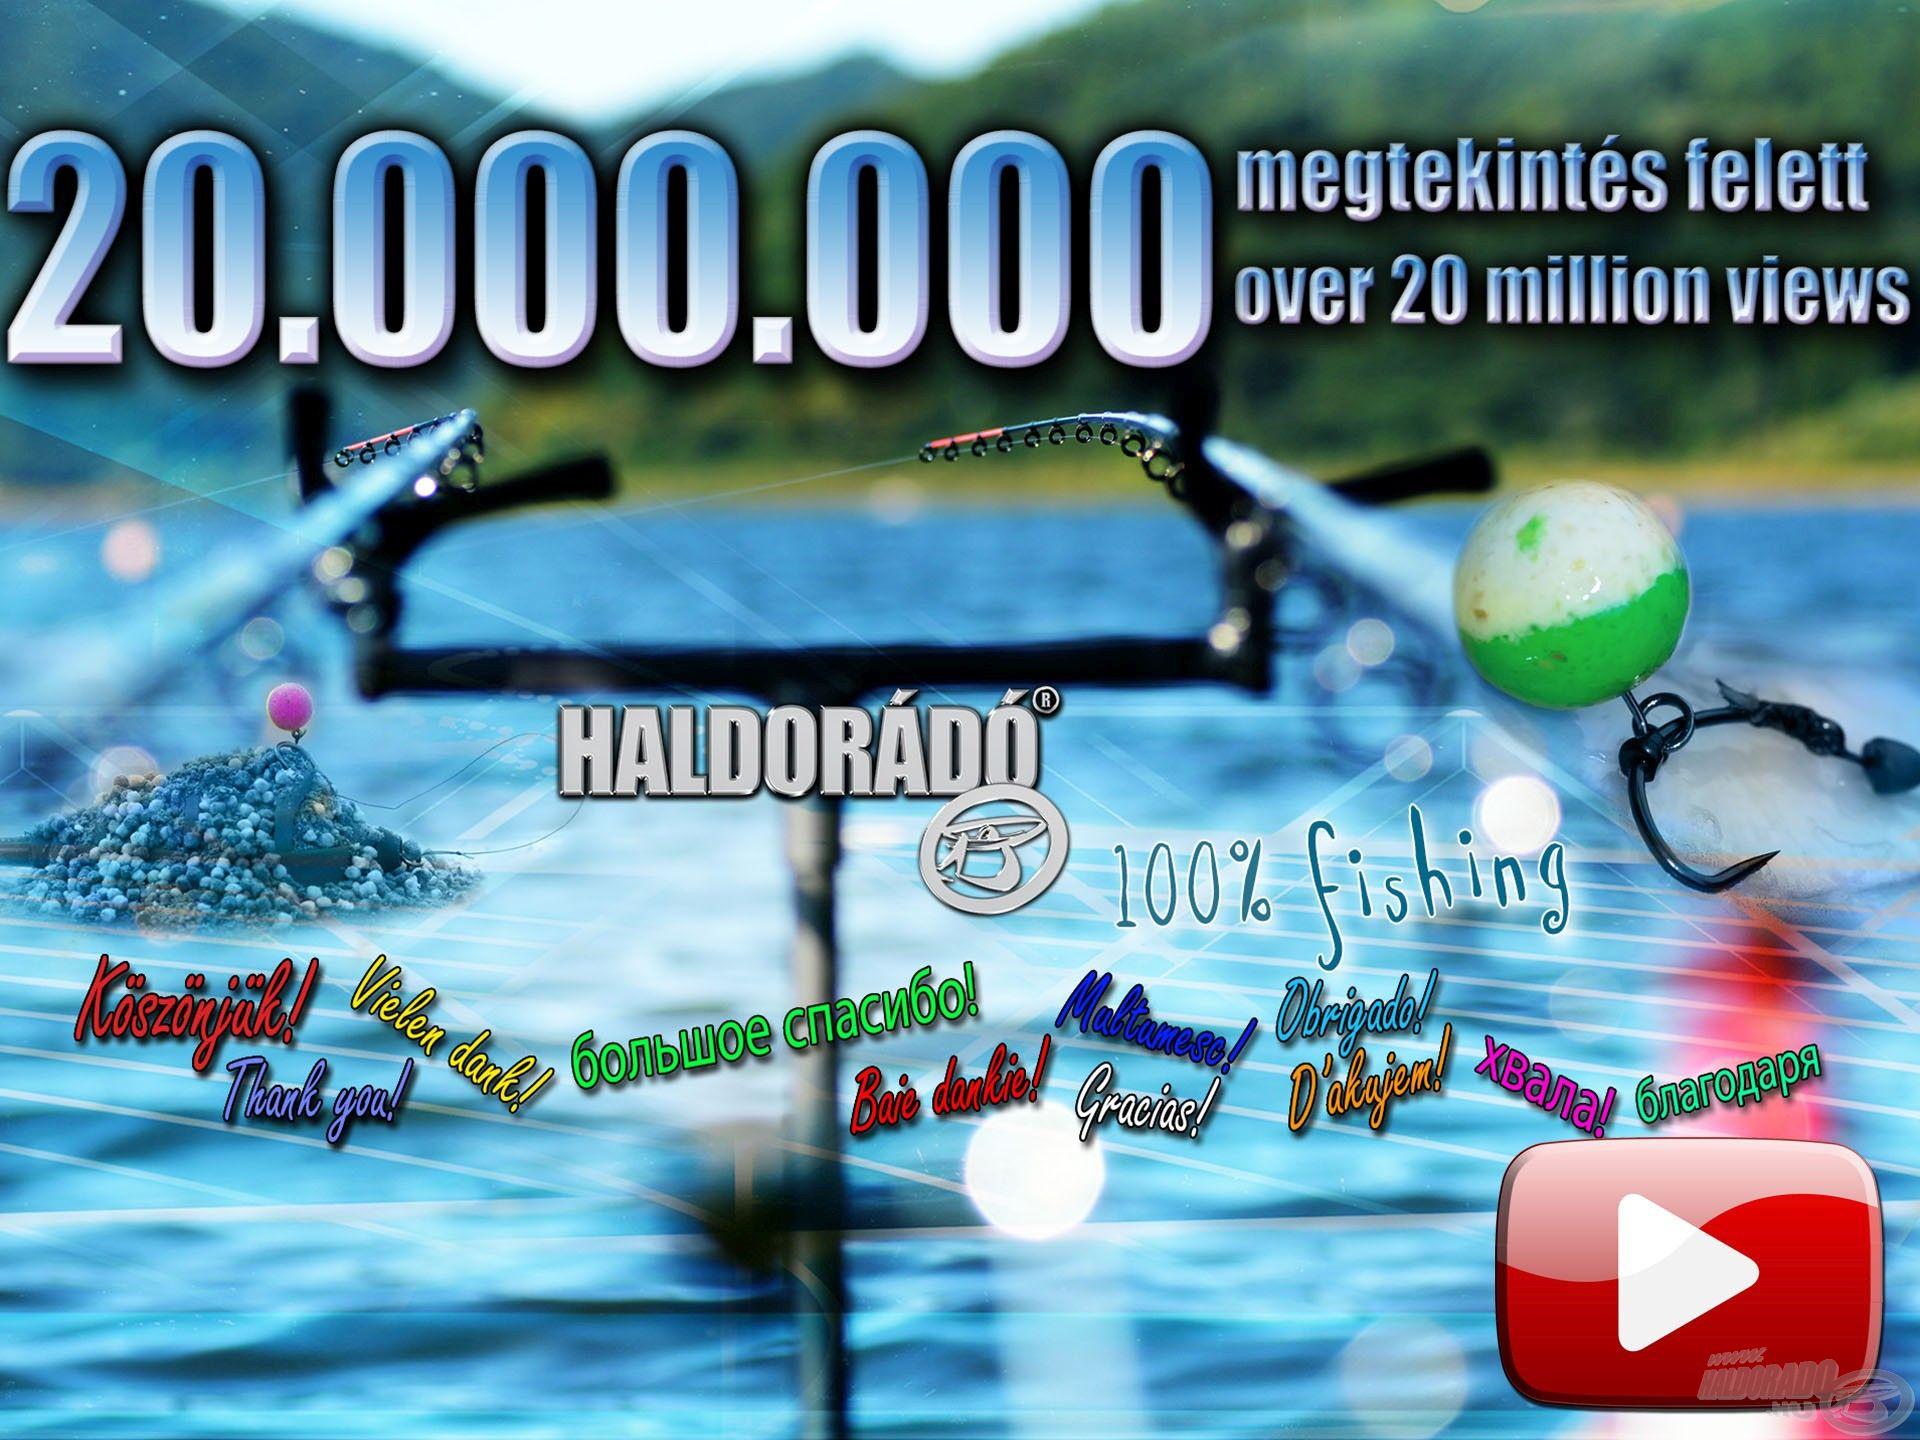 20.000.000 megtekintés felett!